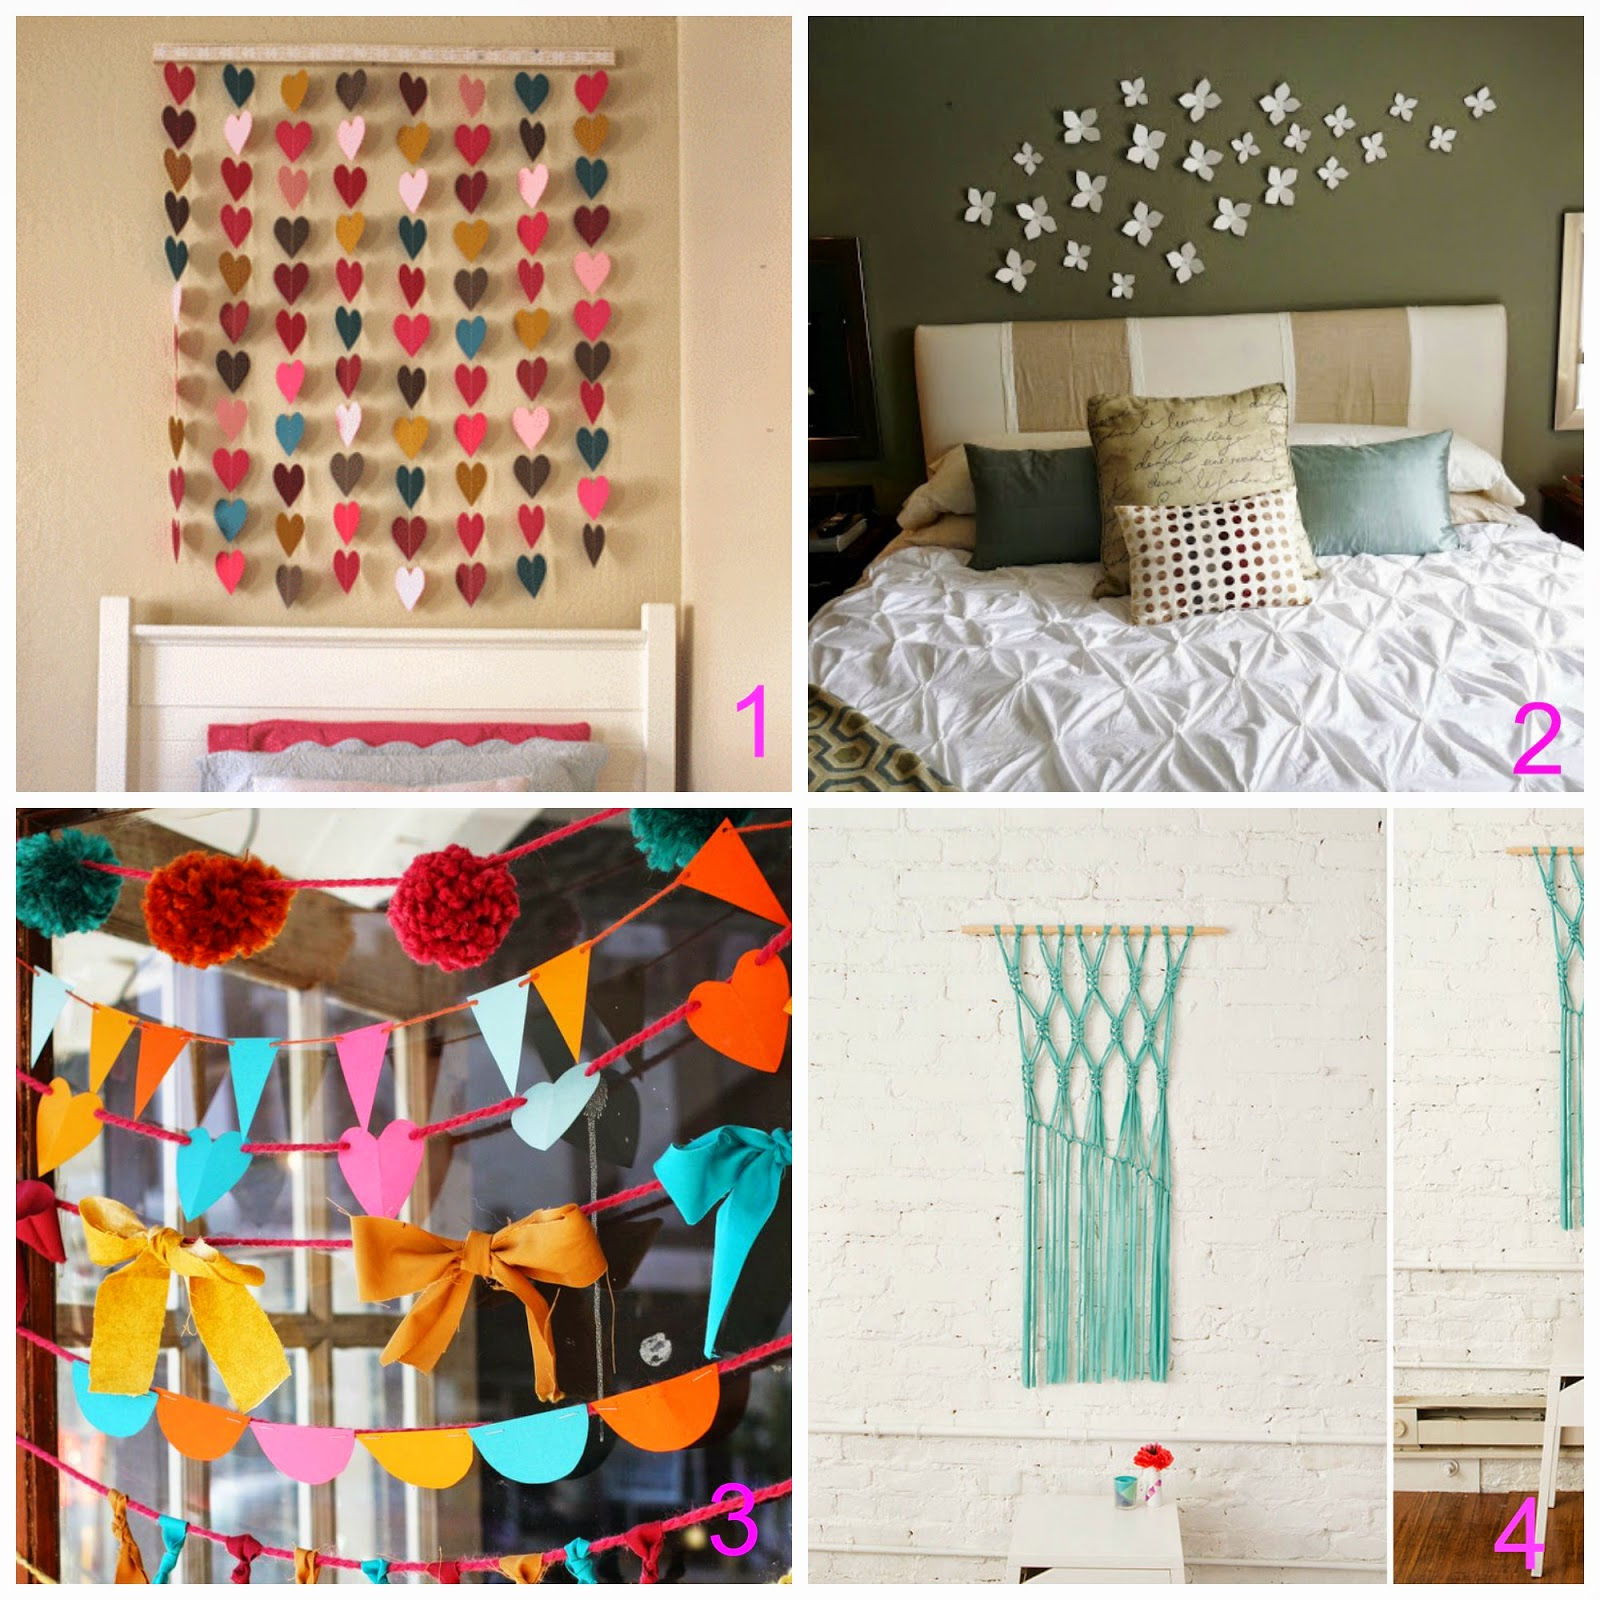 Legno Idee Fai Da Te decorare le pareti a costo zero - 8 idee fai da te